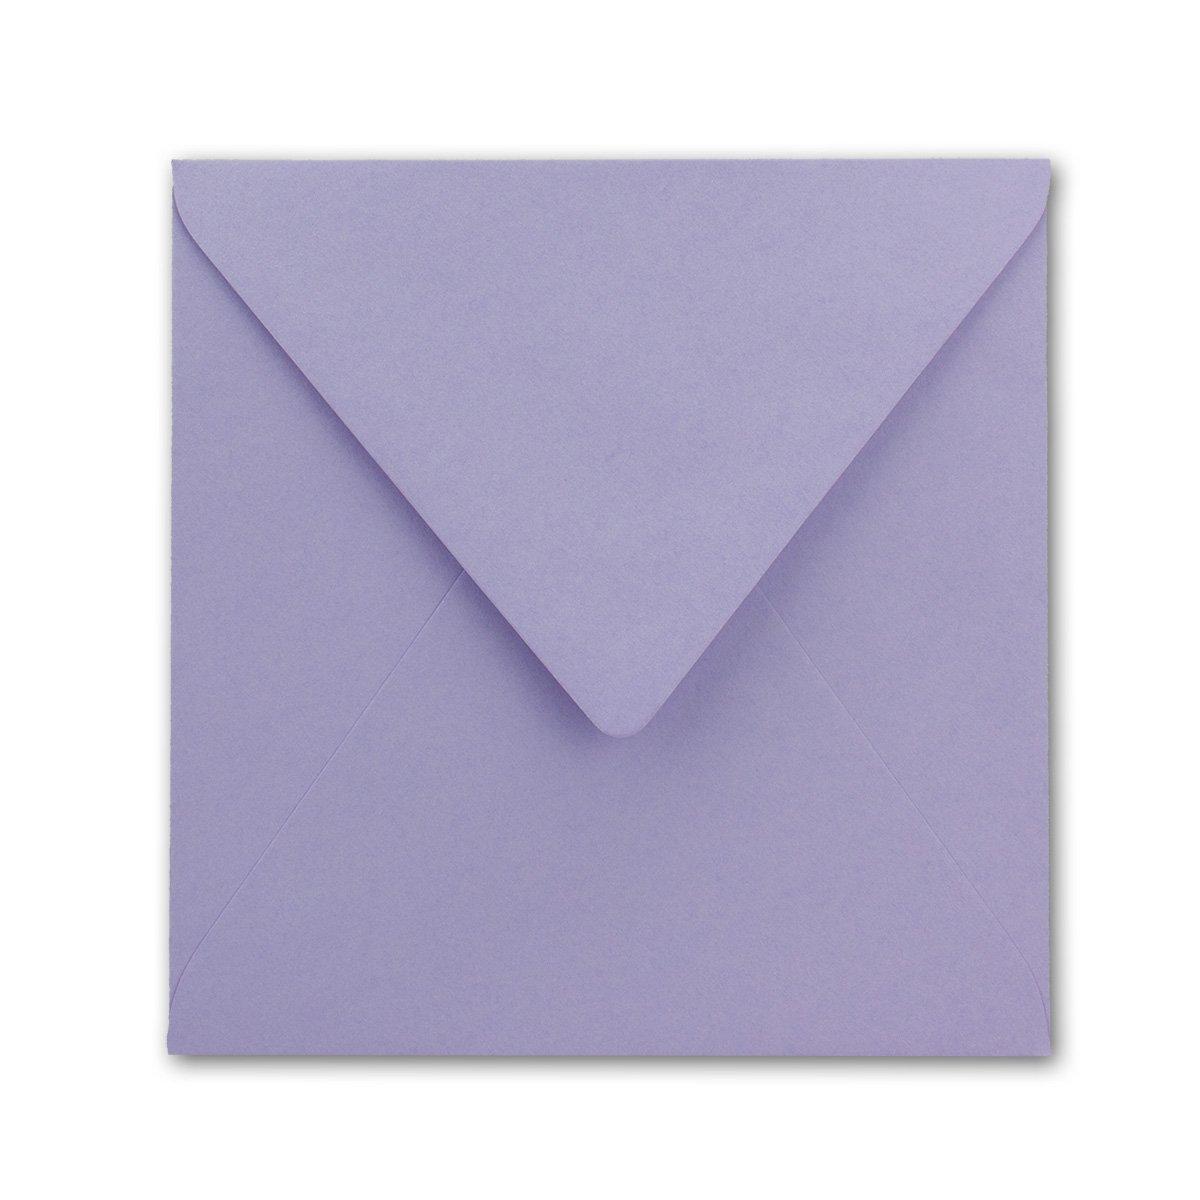 Quadratische Quadratische Quadratische Brief-Umschläge - Farbe Hochweiss   150 Stück   155 x 155 mm   Nassklebung   Für Einladungen & Hochzeit    Serie FarbenFroh® B07D2G7GRR | Bekannt für seine gute Qualität  d10fb7